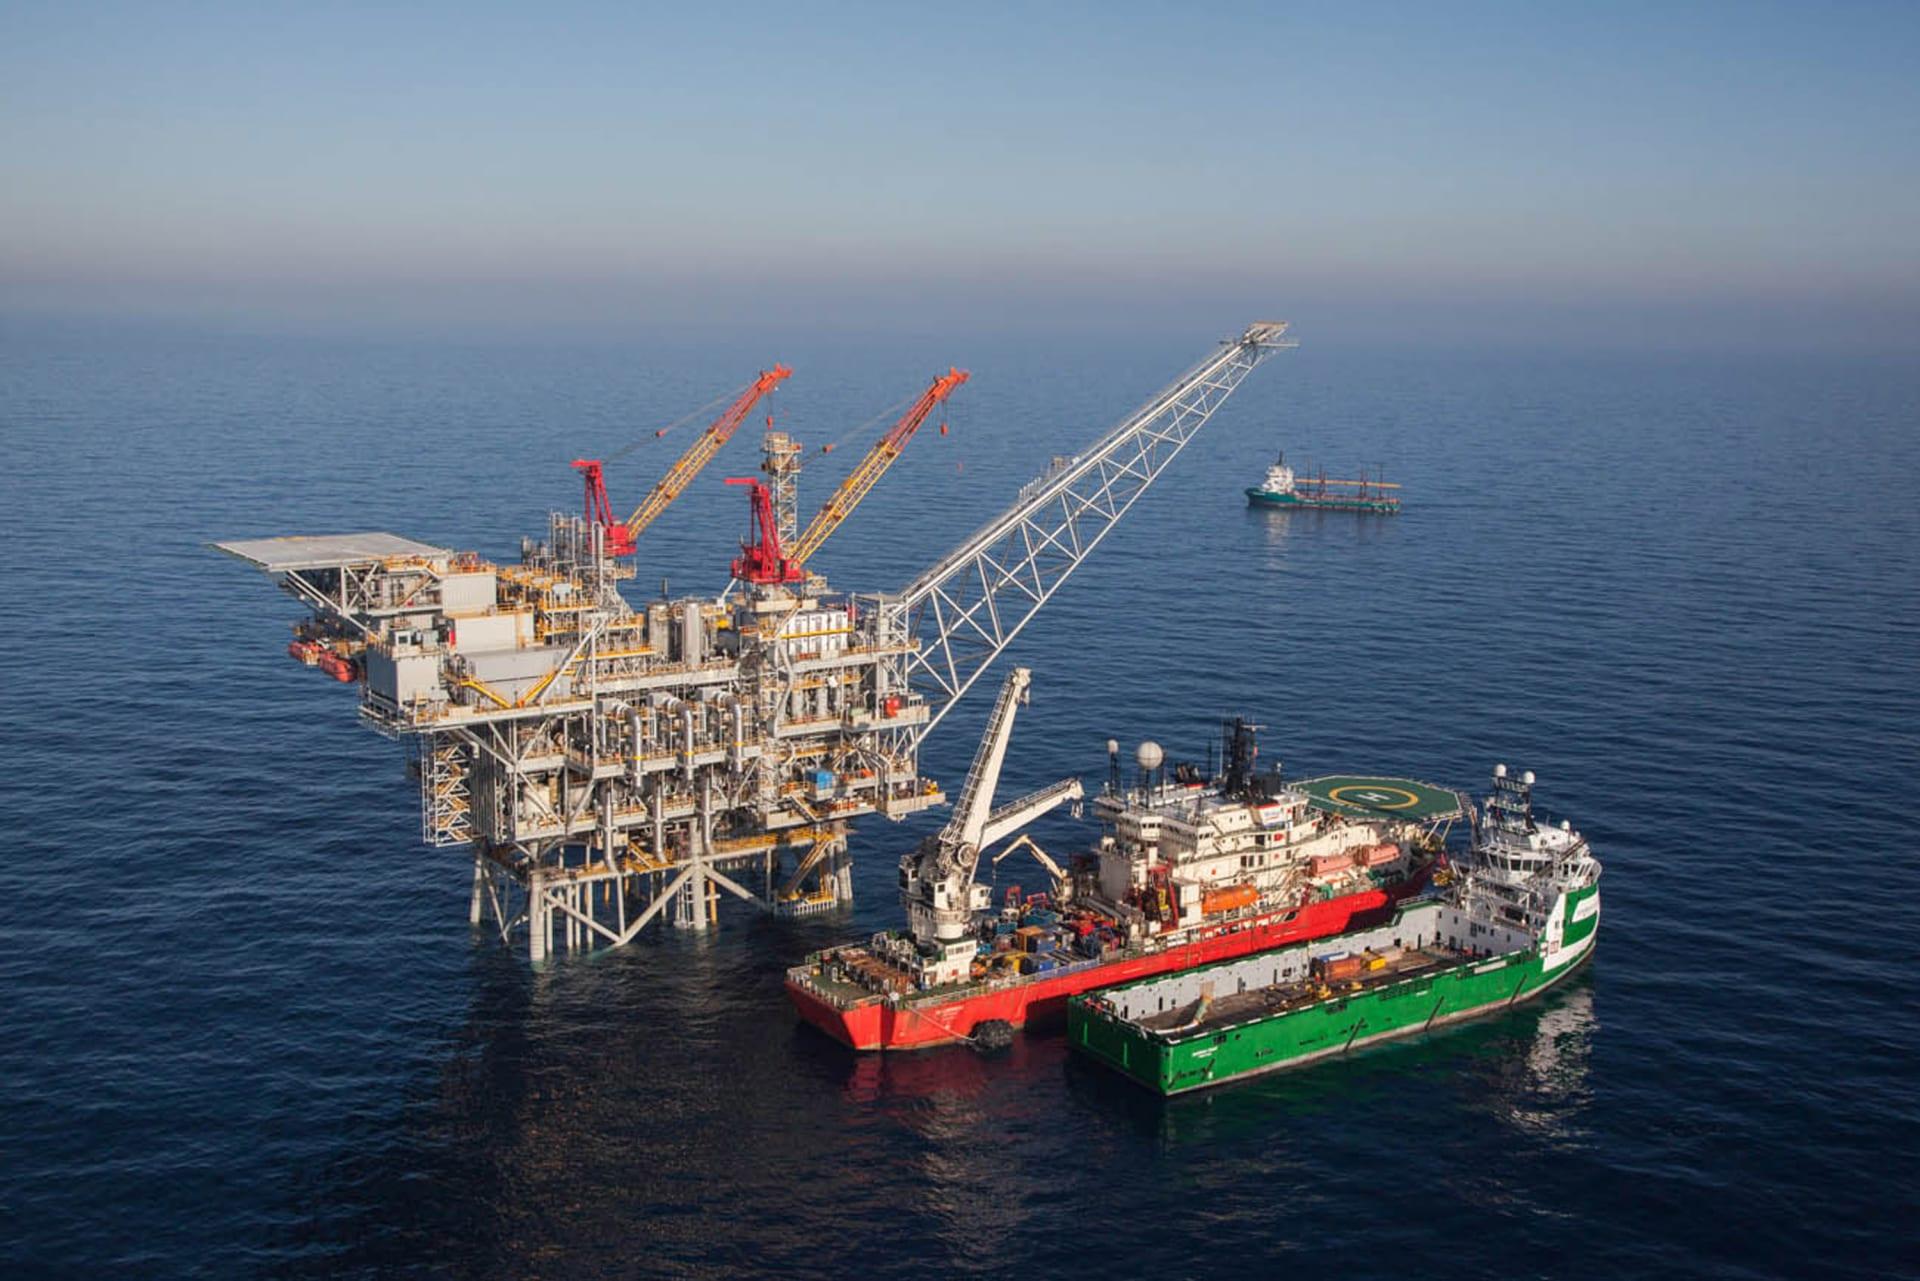 """شركة """"مبادلة"""" الإماراتية توقع مذكرة تفاهم لشراء حصة بحقل """"تمار"""" الإسرائيلي بـ1.1 مليار دولار"""